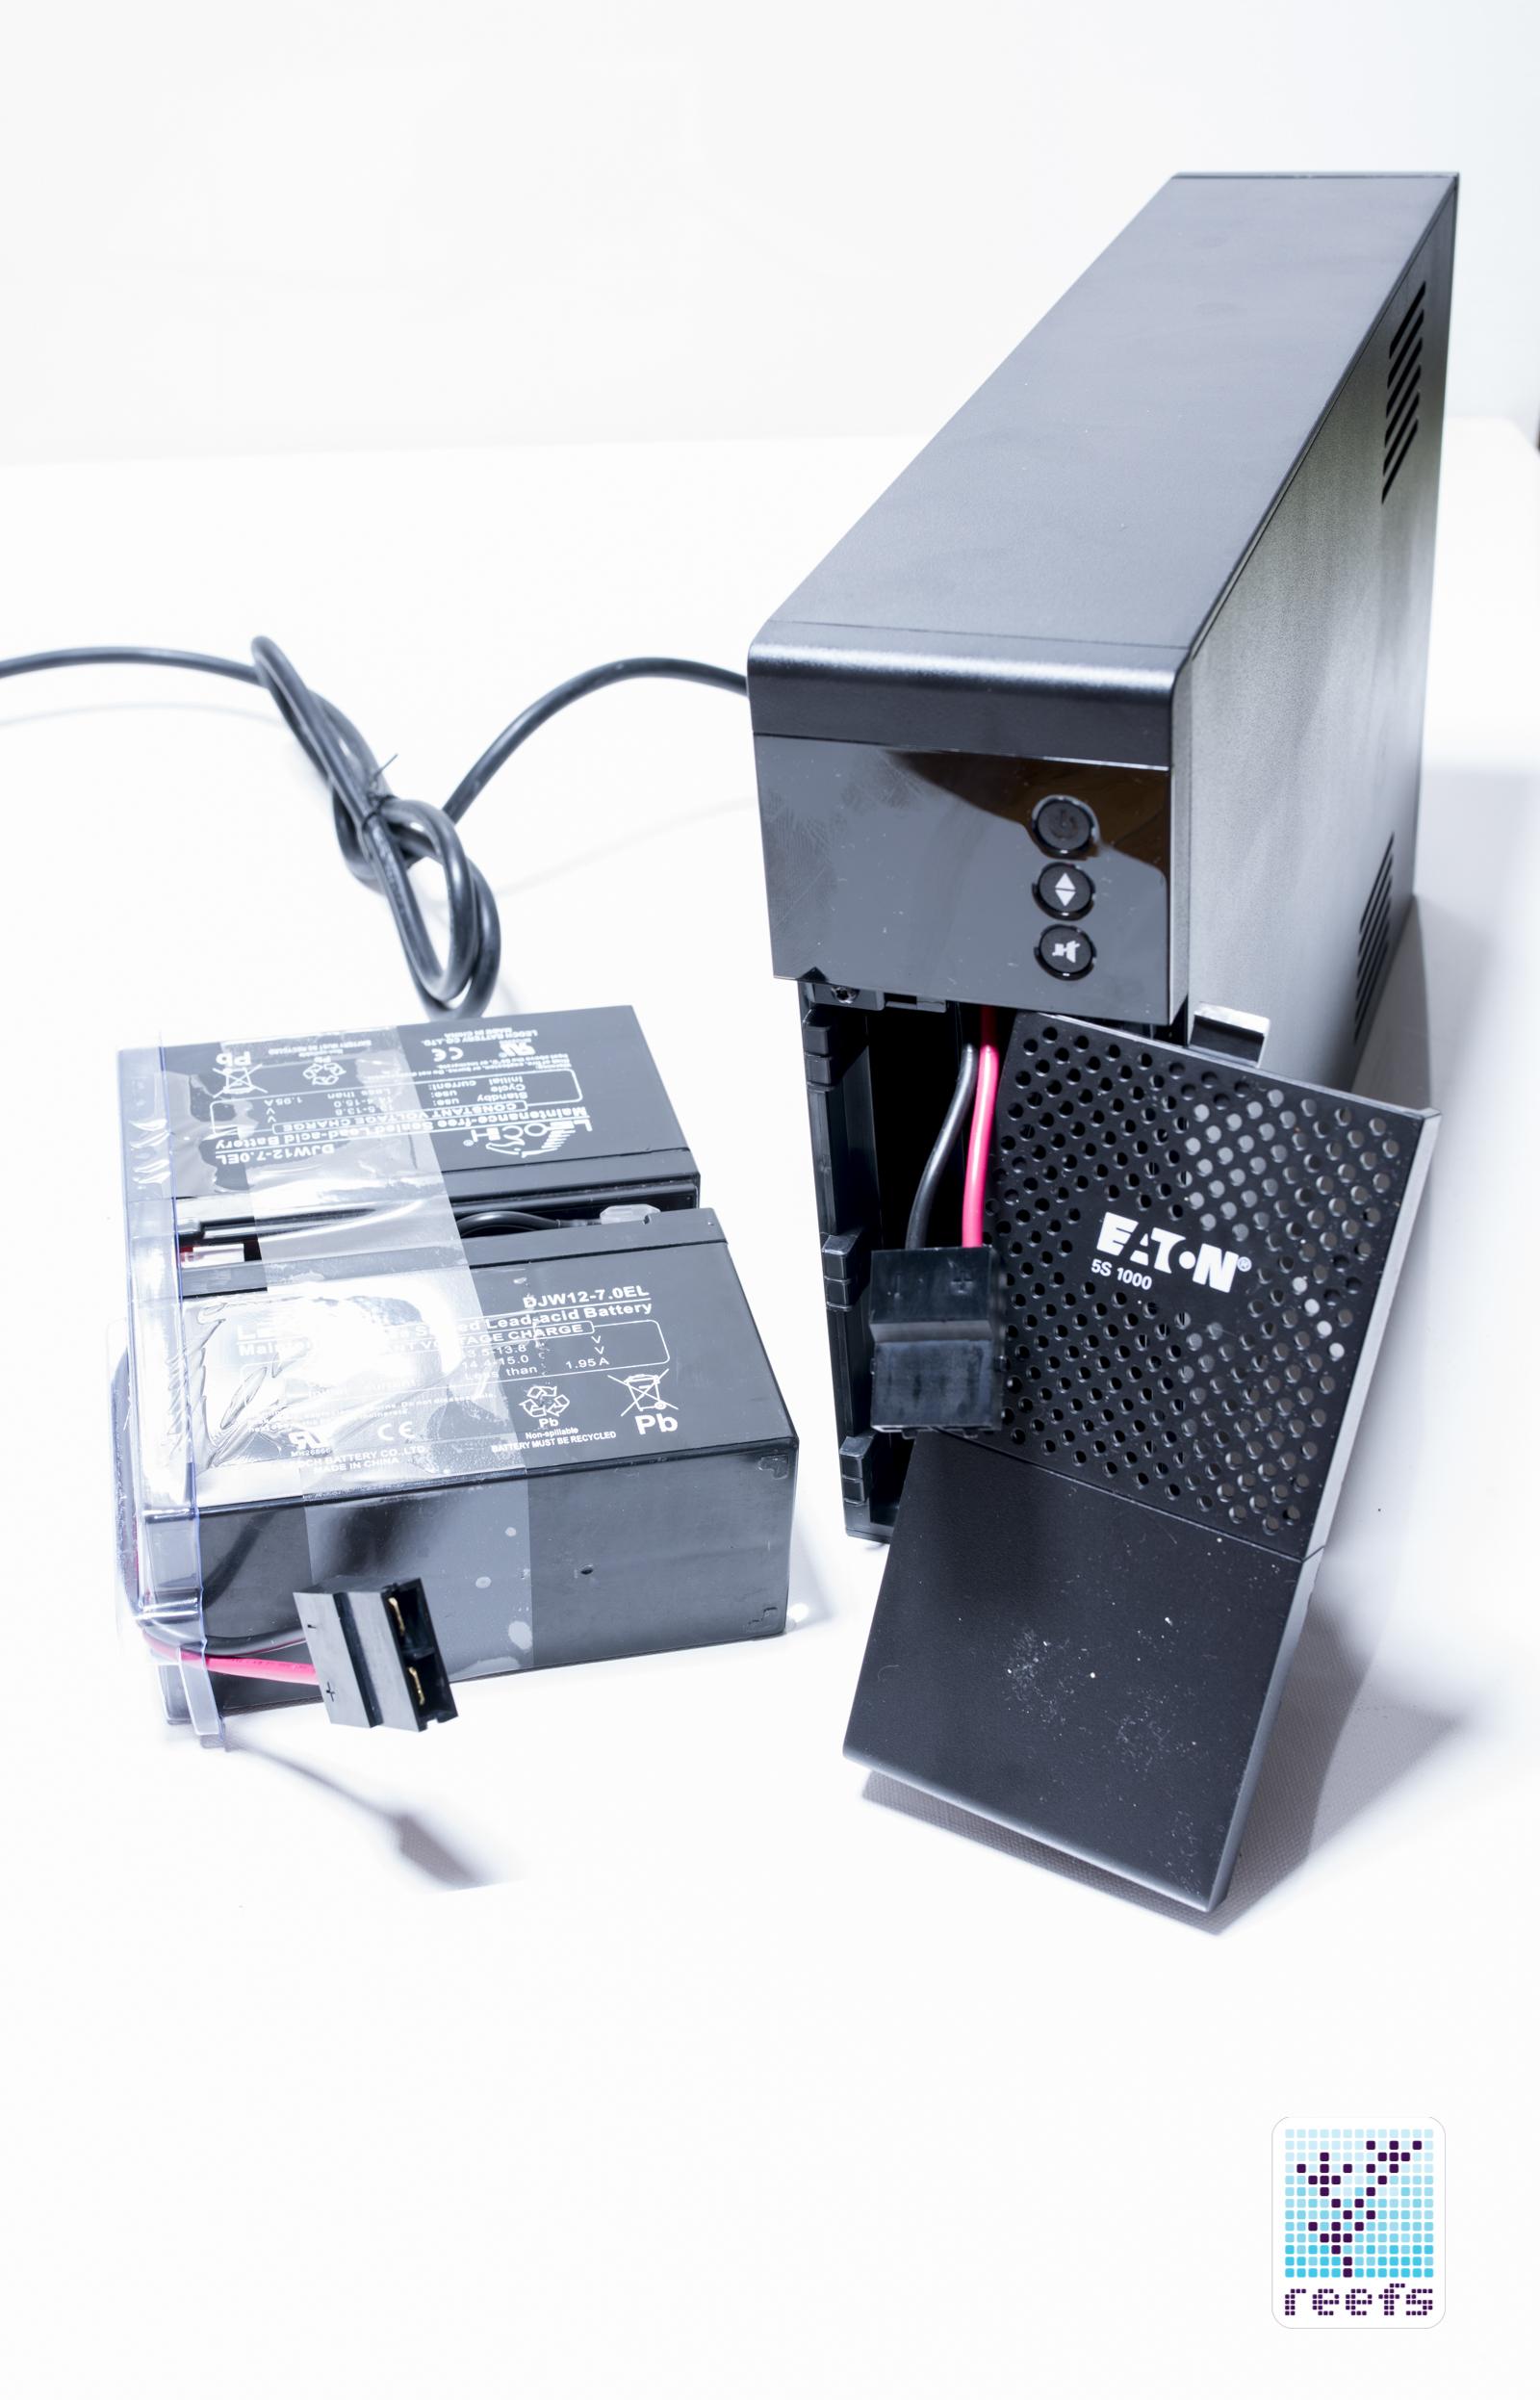 UPS battery packs